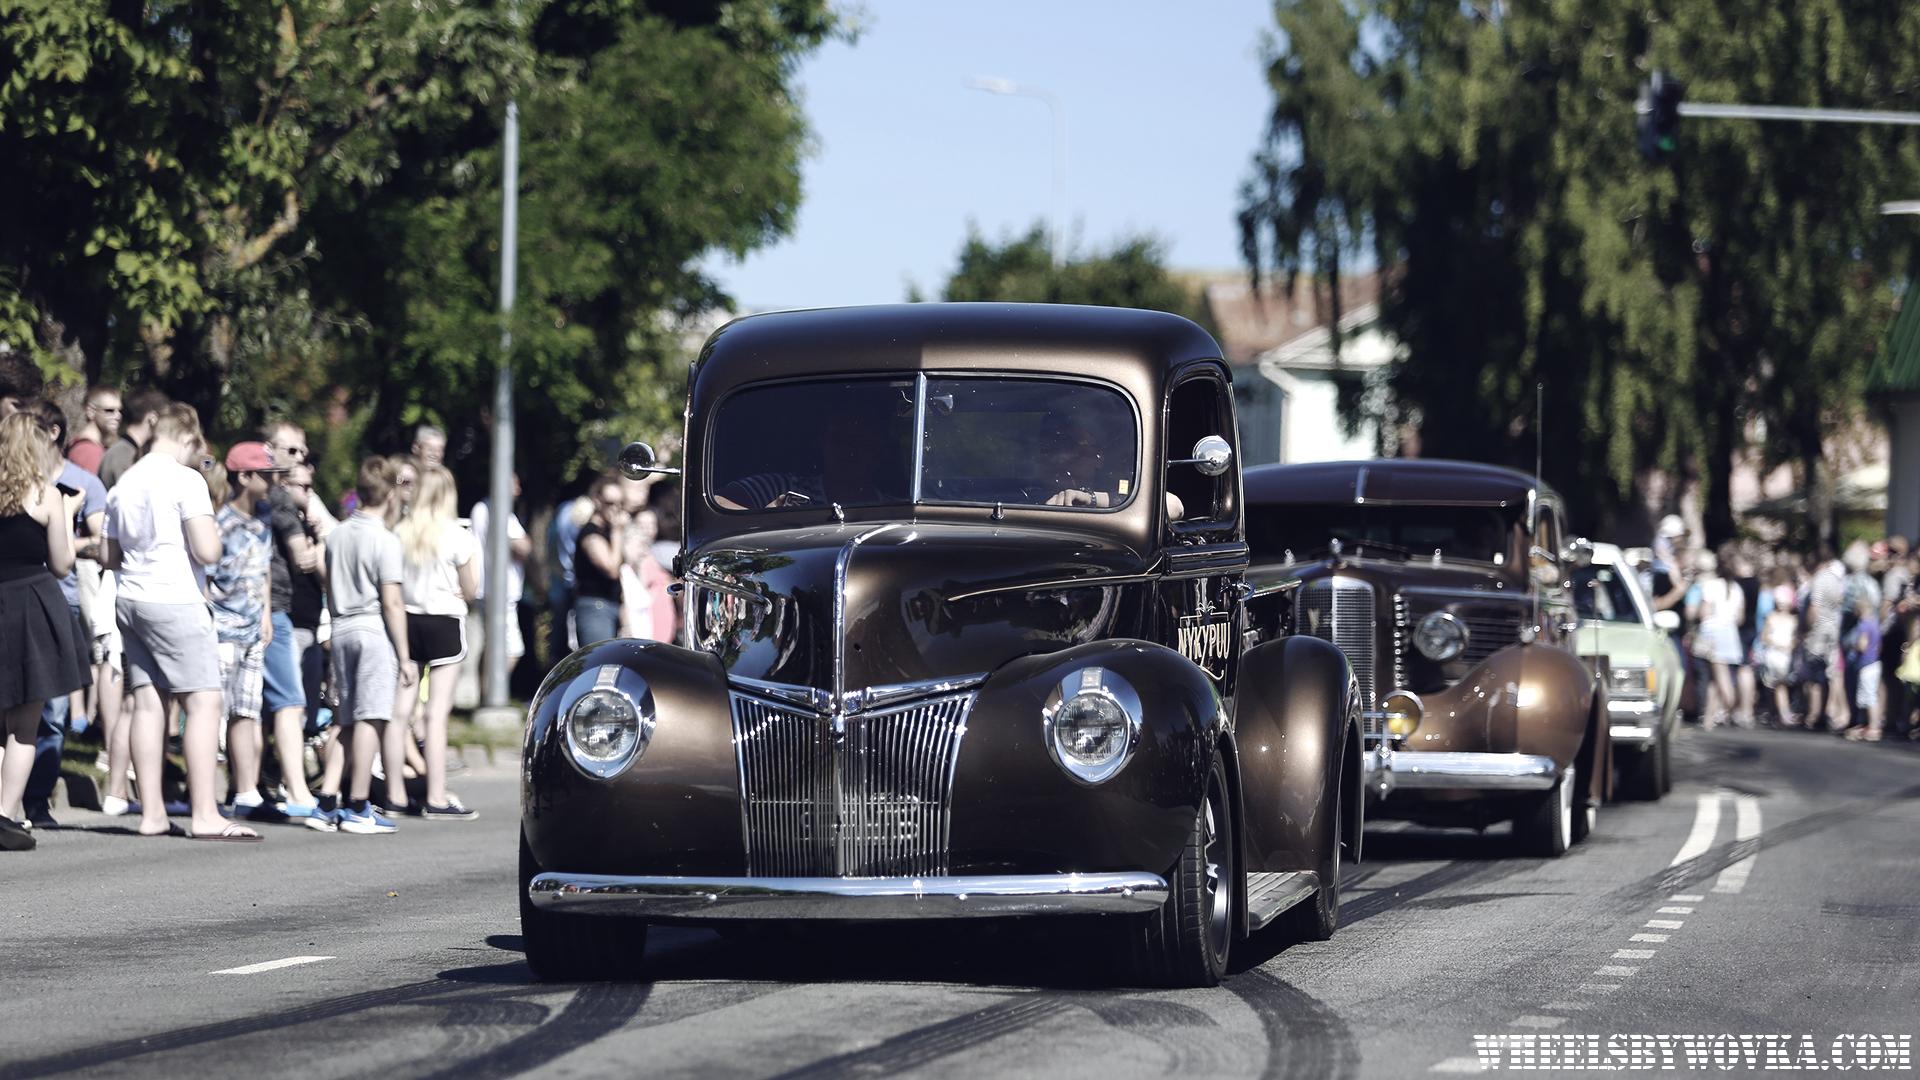 american-beauty-car-show-haapsalu-2017-by-wheelsbywovka-14